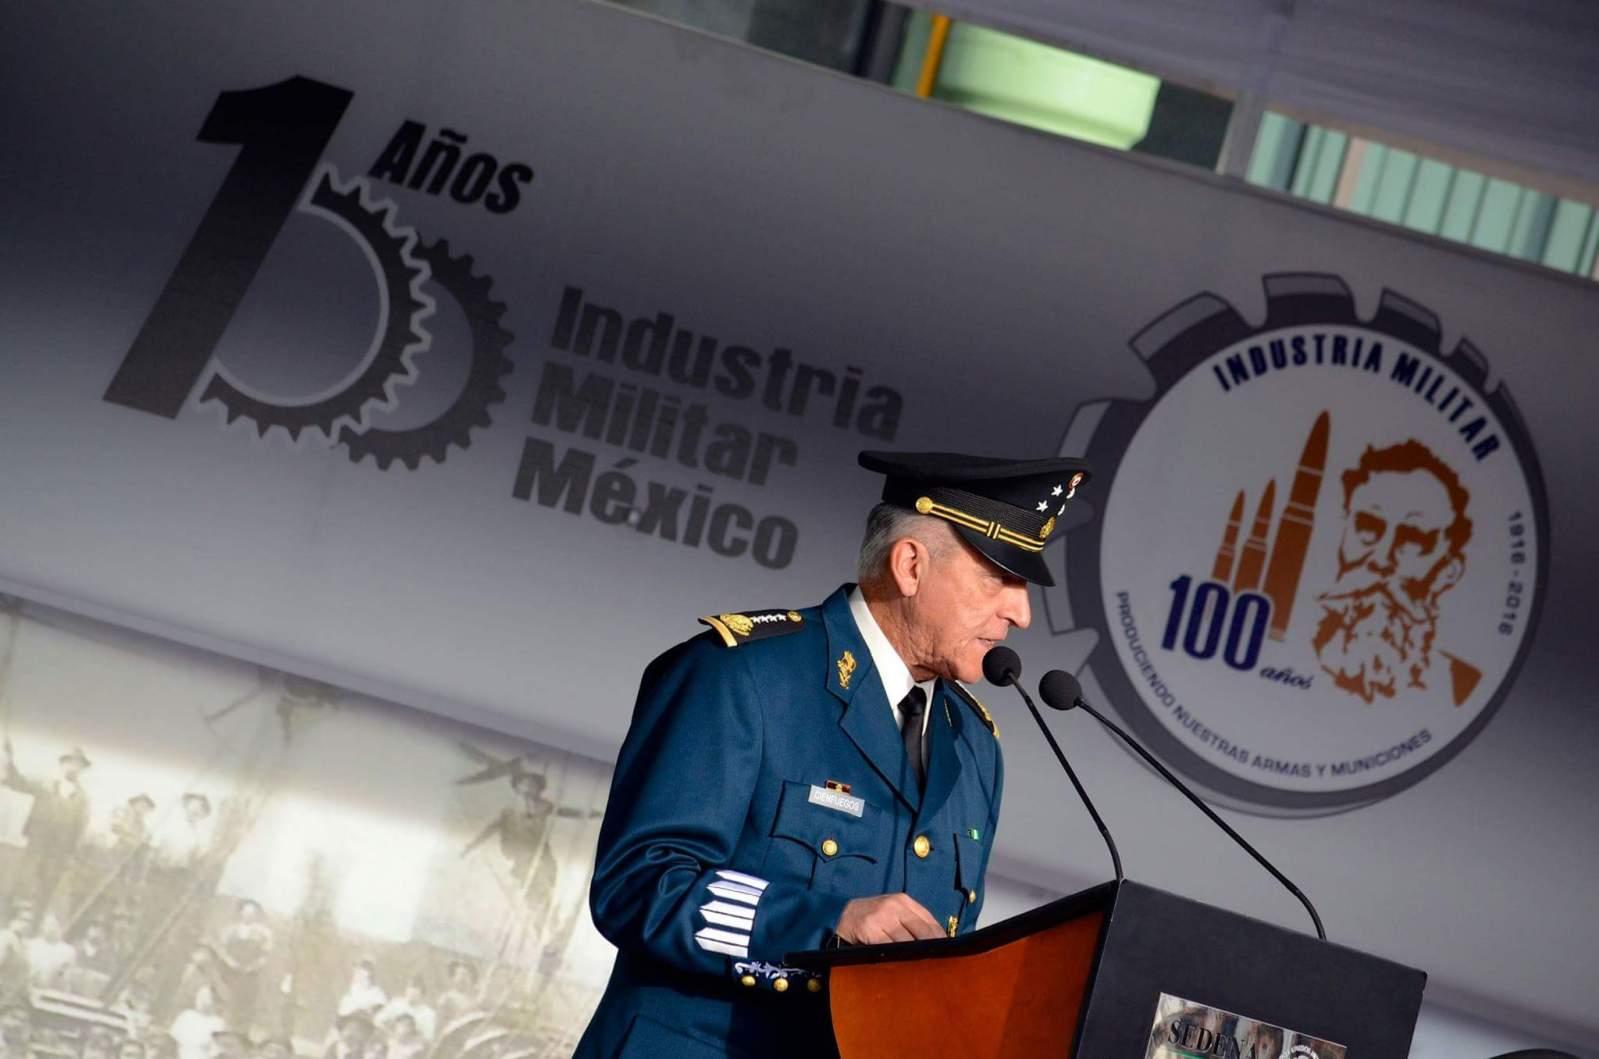 Industria Militar en Mexico - Página 3 29m2d7t